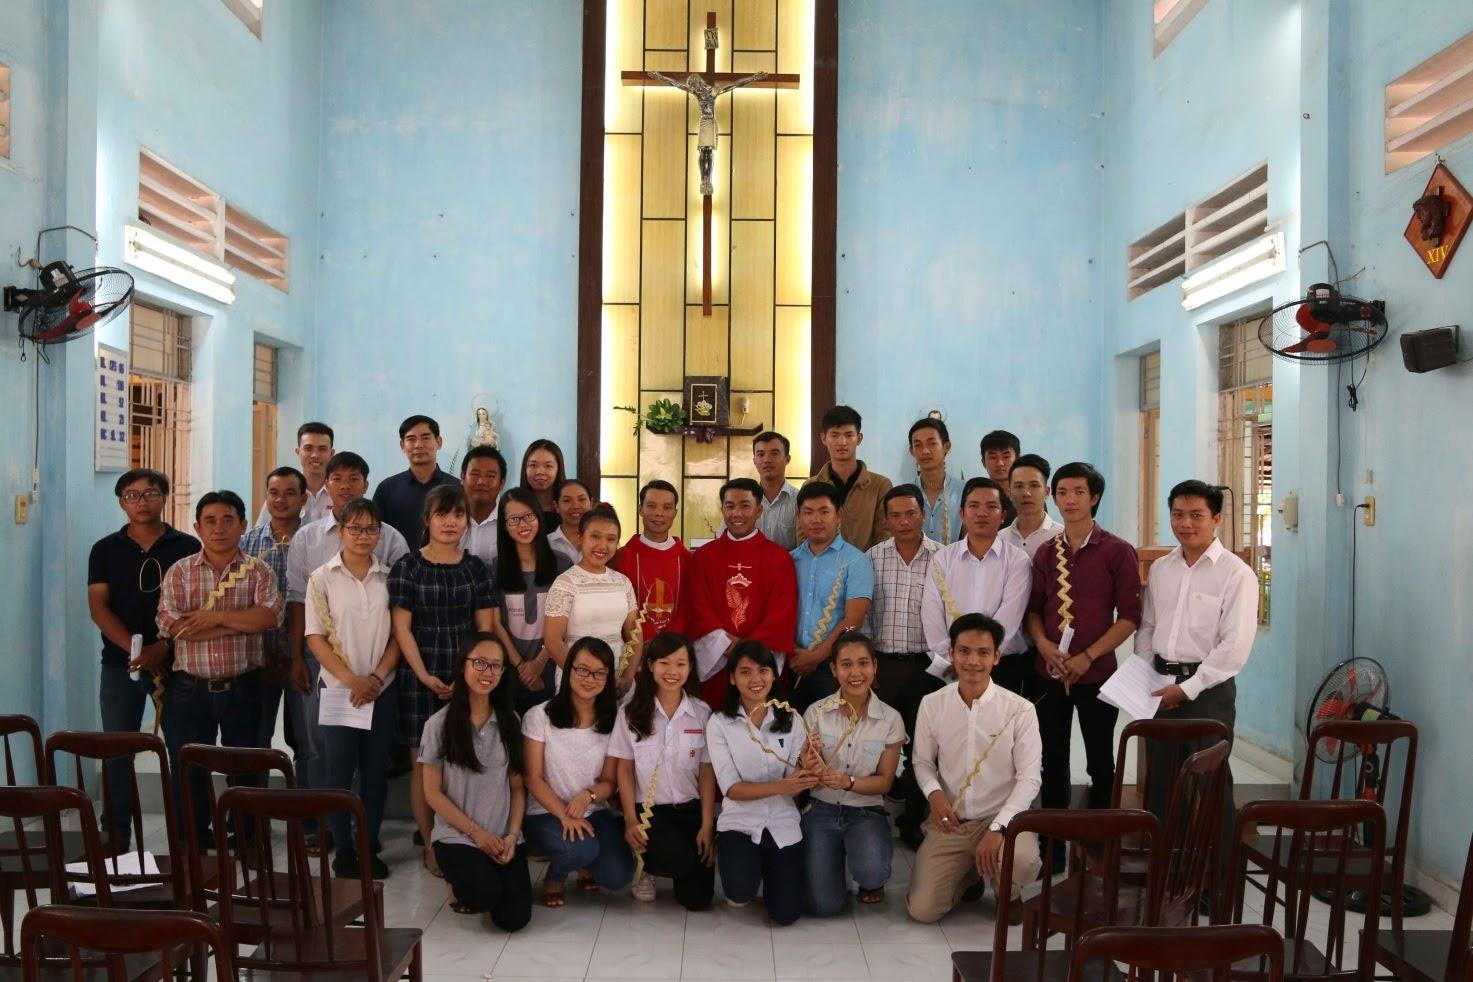 Ban di dân Giáo phận Qui nhơn tại Sài gòn họp mặt